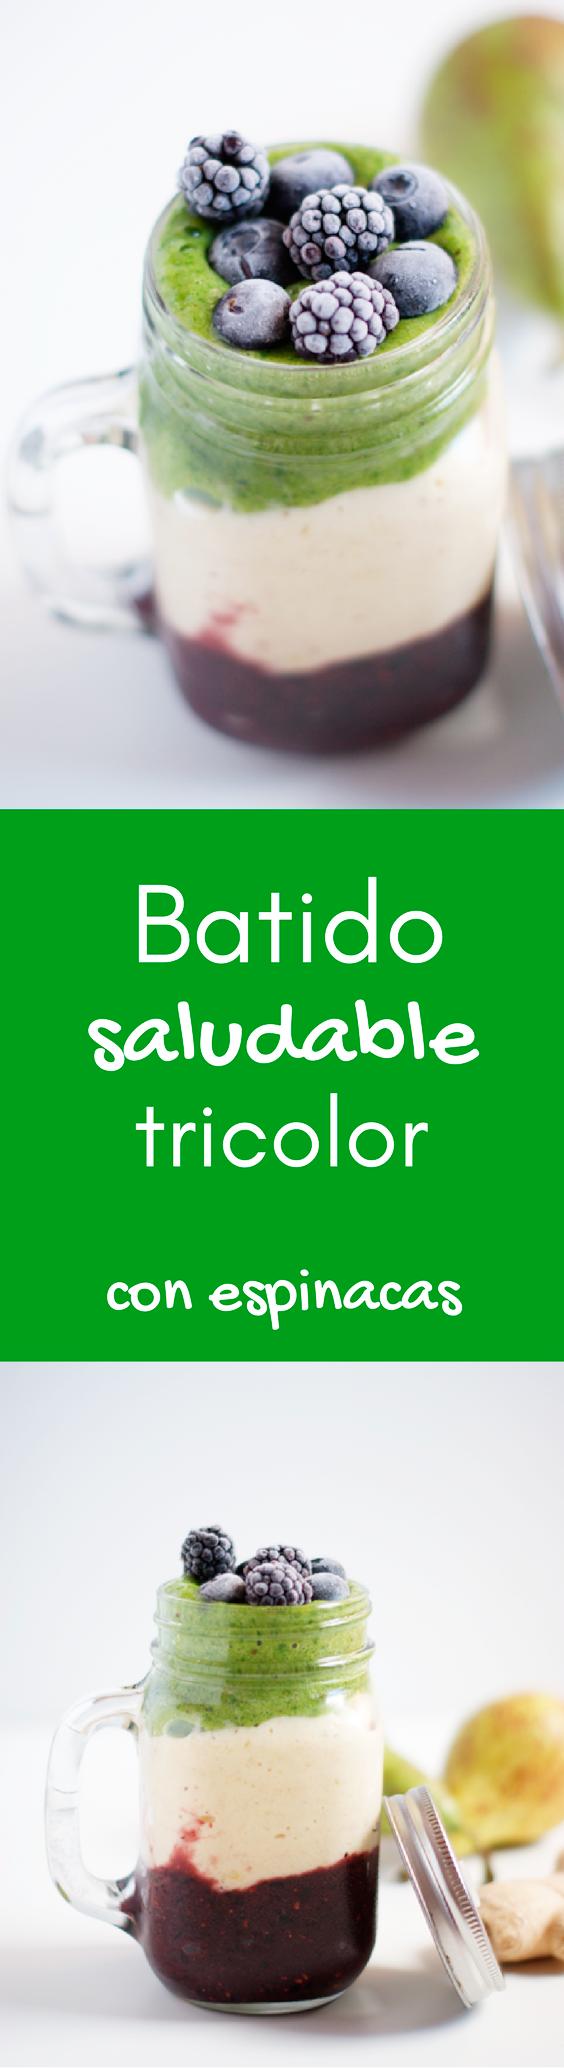 Batido de frutas tricolor con espinacas - Receta de brunch saludable